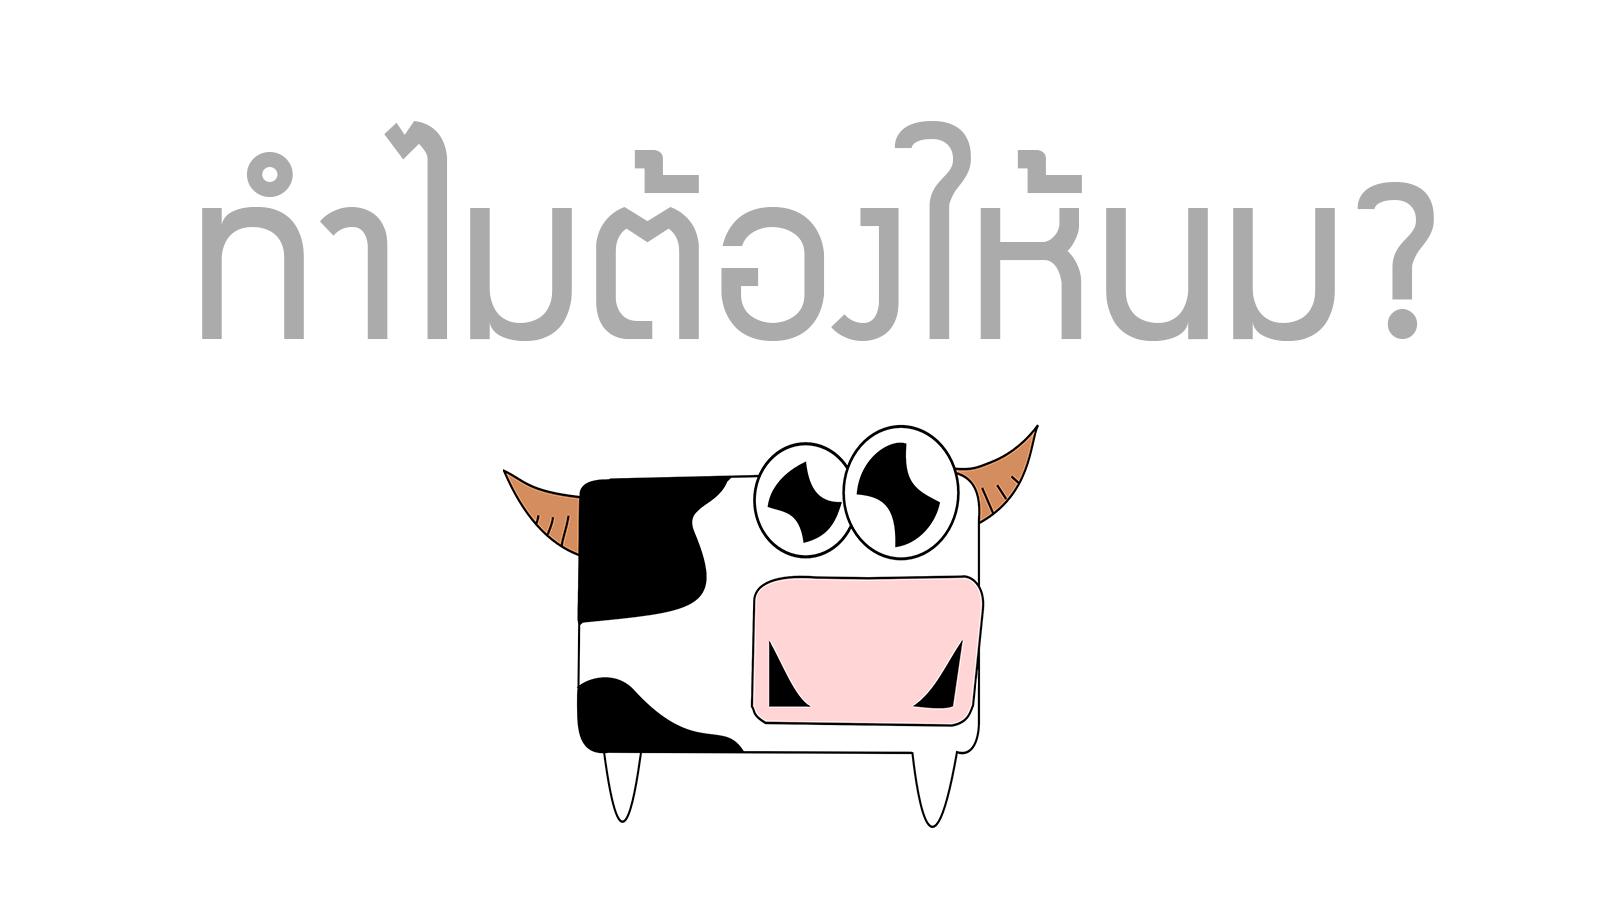 Milk why milk